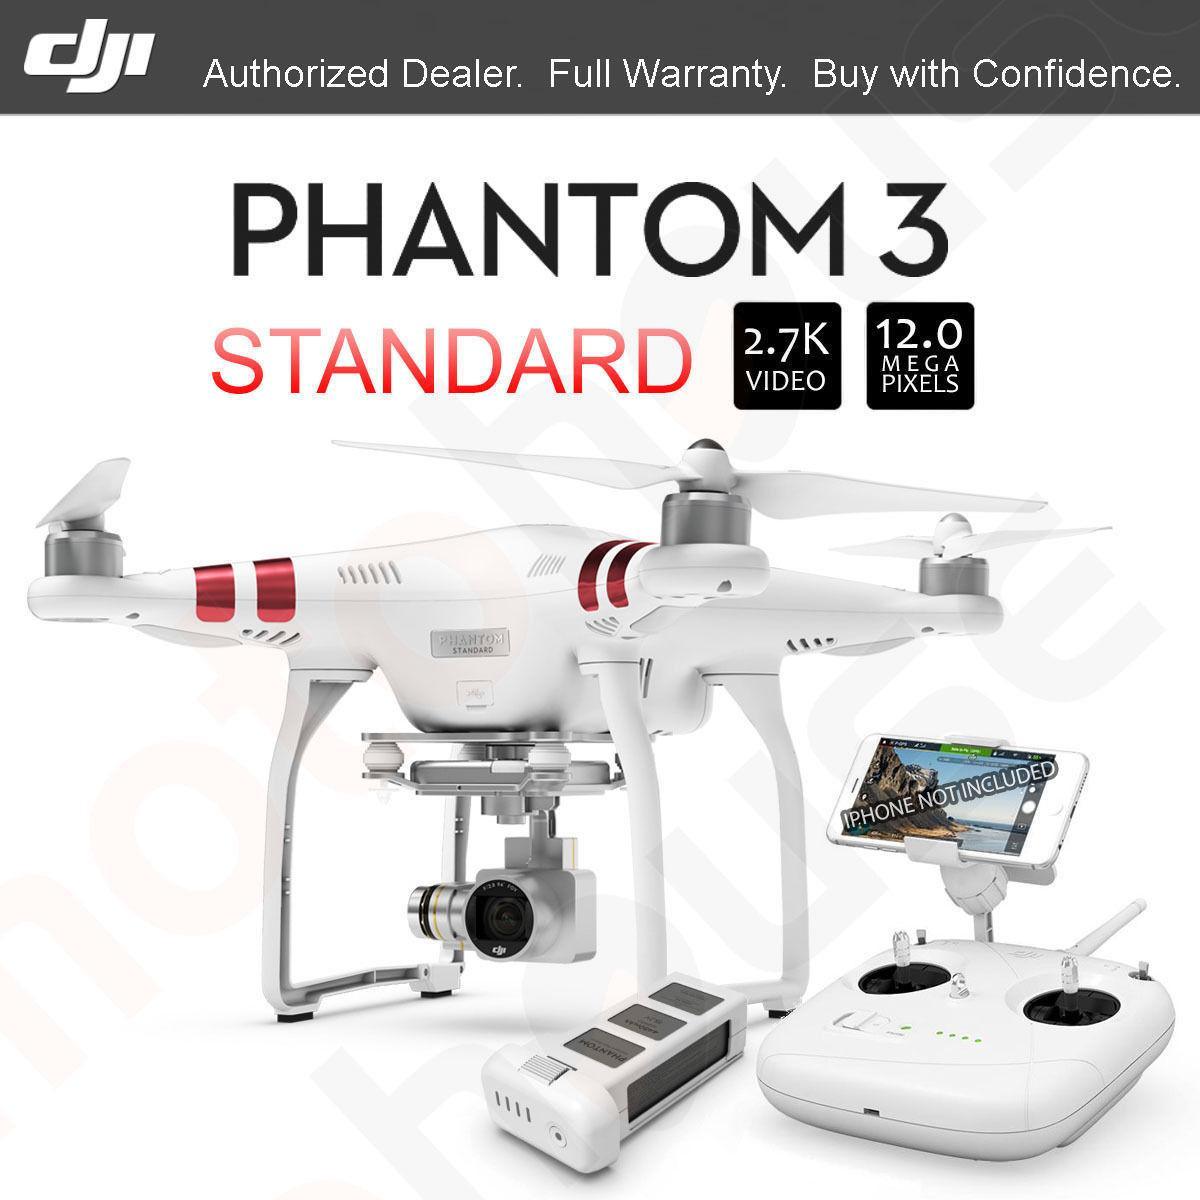 DJI Phantom 3 Standard Drone Windows 8 X64 Treiber